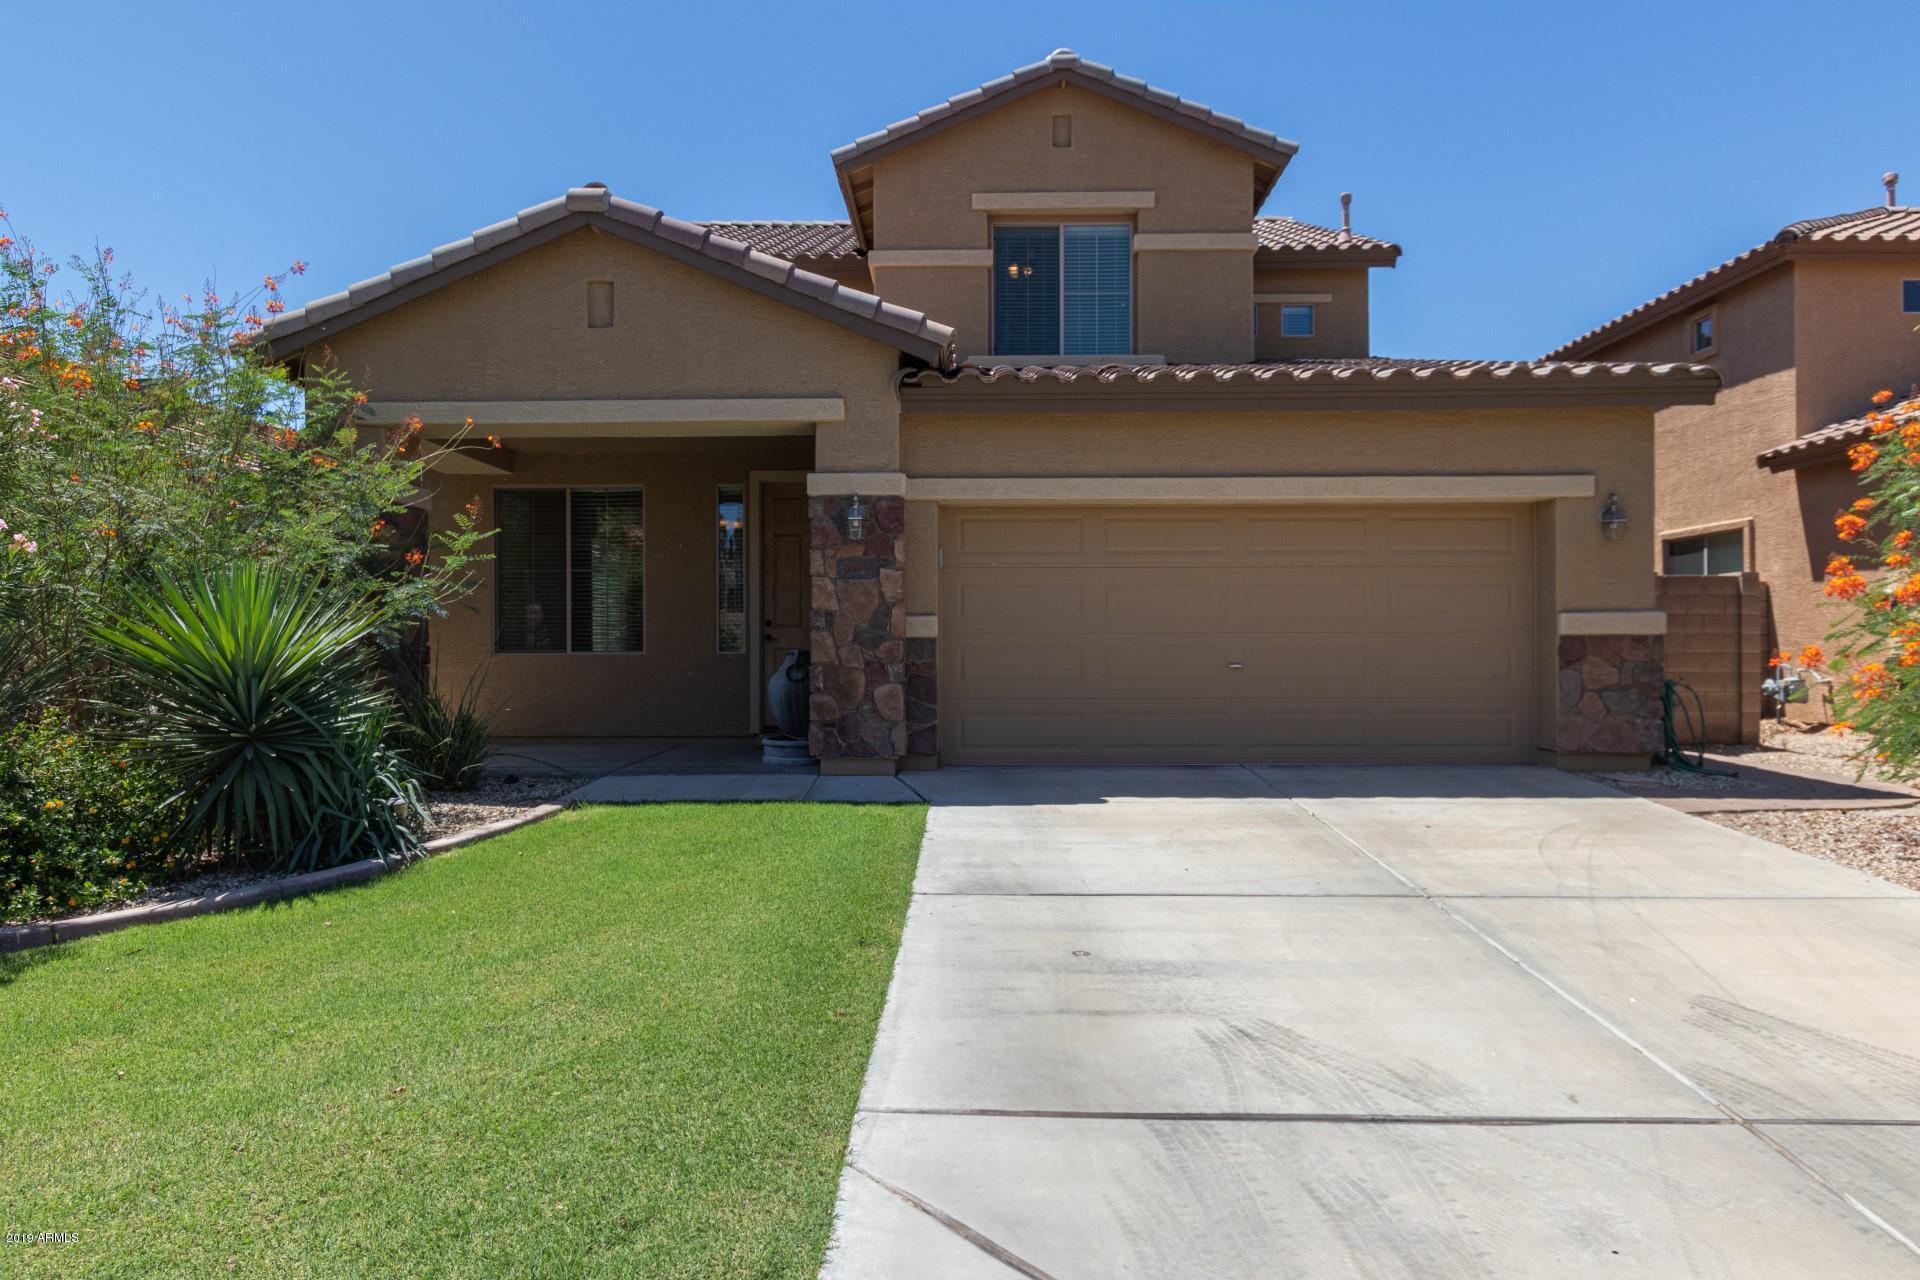 30056 N 71ST Avenue, Peoria, Arizona